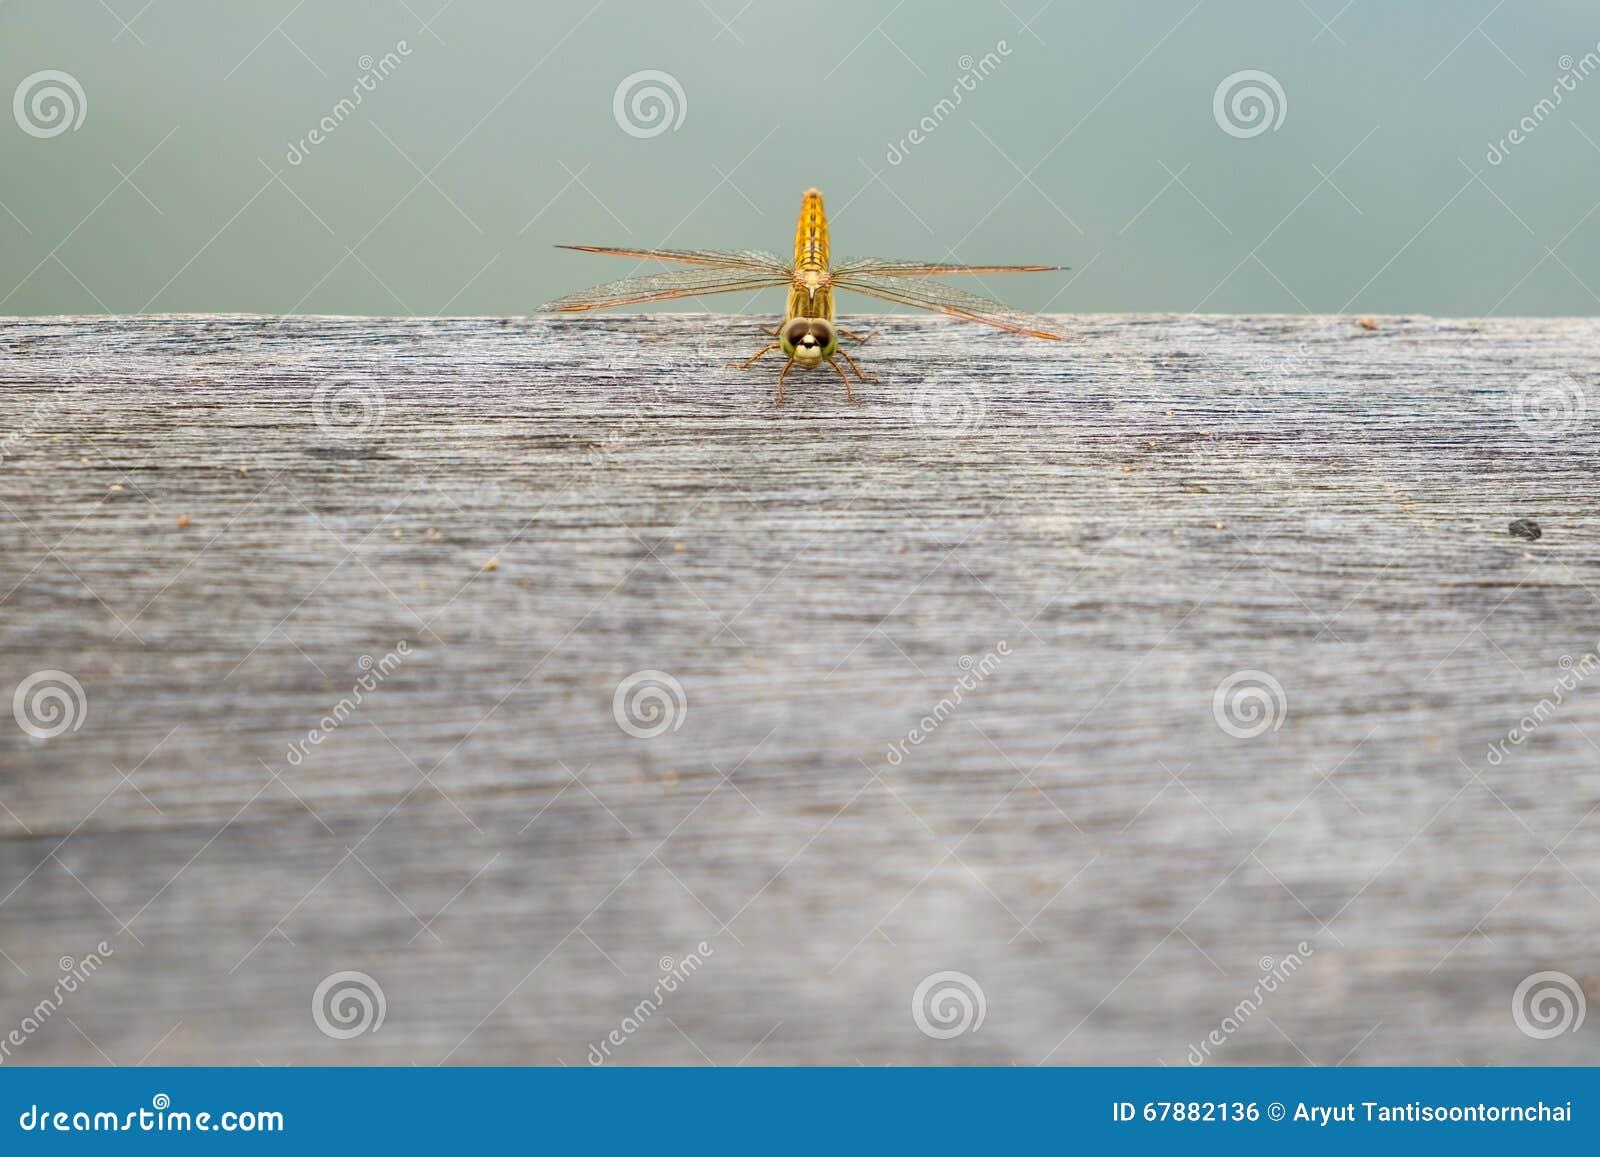 在木地板上的蜻蜓 顶视图